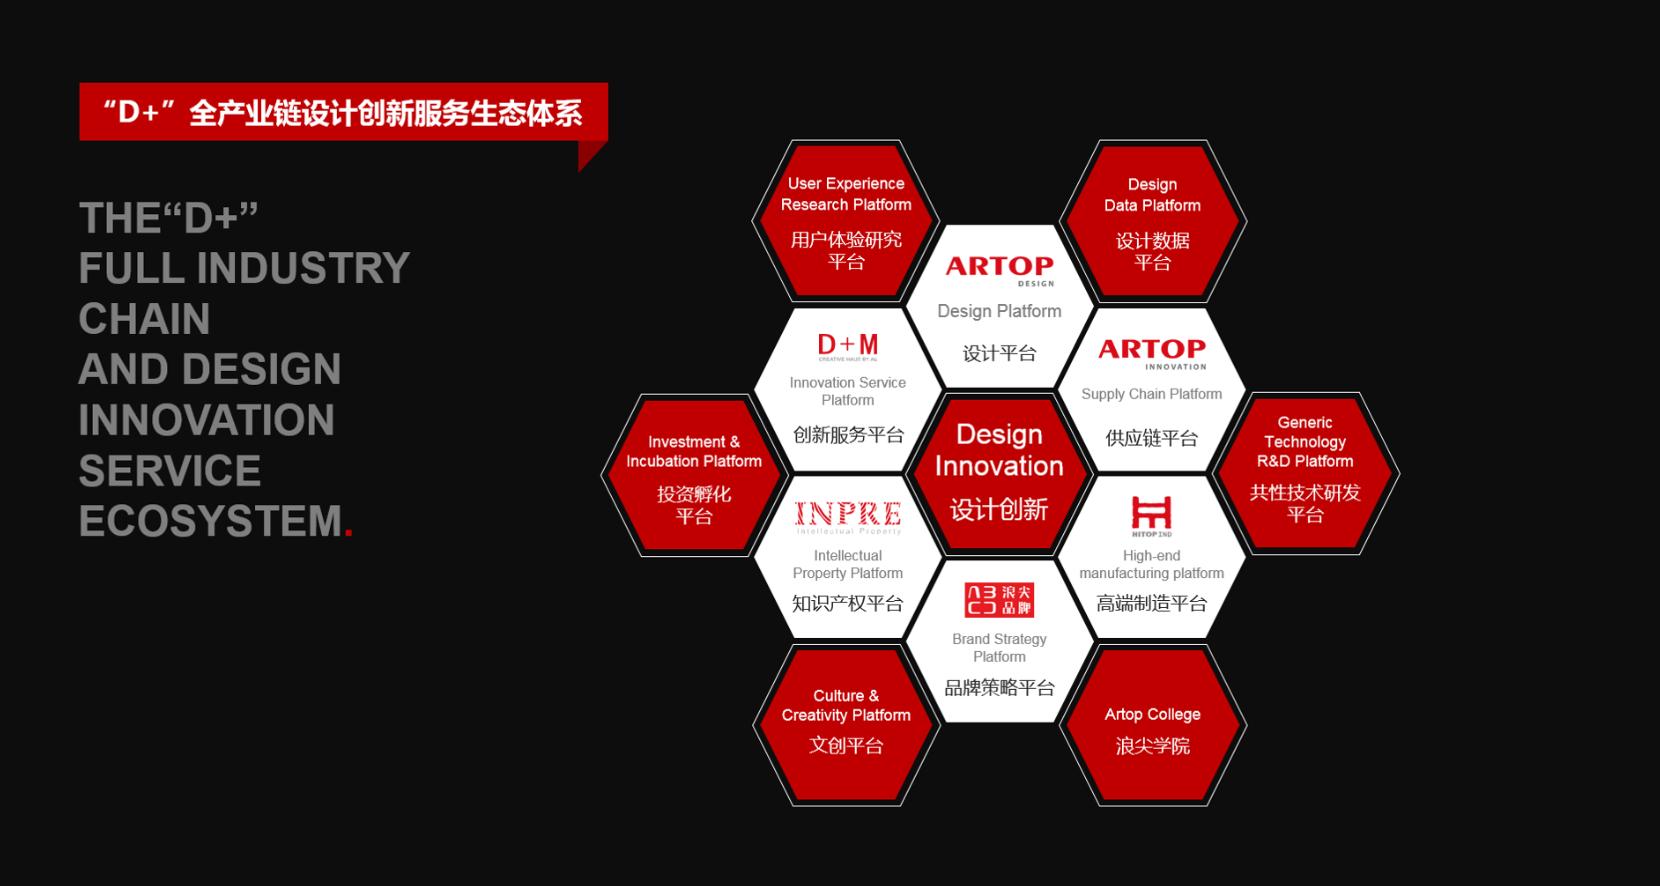 浪尖全产业链设计创新服务生态体系